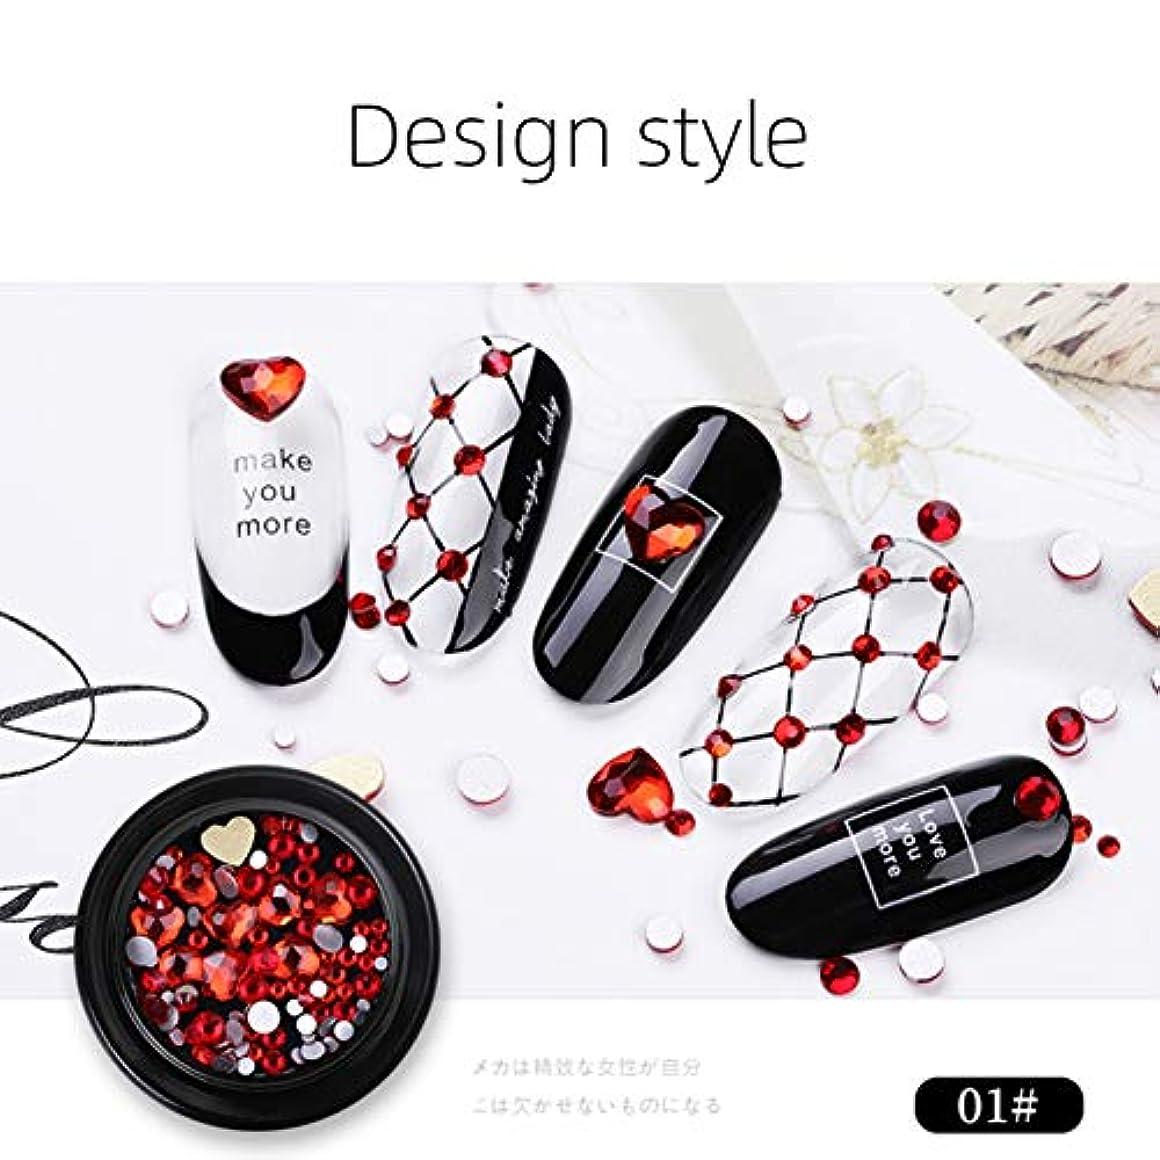 クライアント渇きおとうさんKISSION マニキュア ガラスドリルミキシング 光沢のあるスティックドリル ダイヤモンド ジュエリー装飾 ネイルDIY ファッションネイルアクセサリー